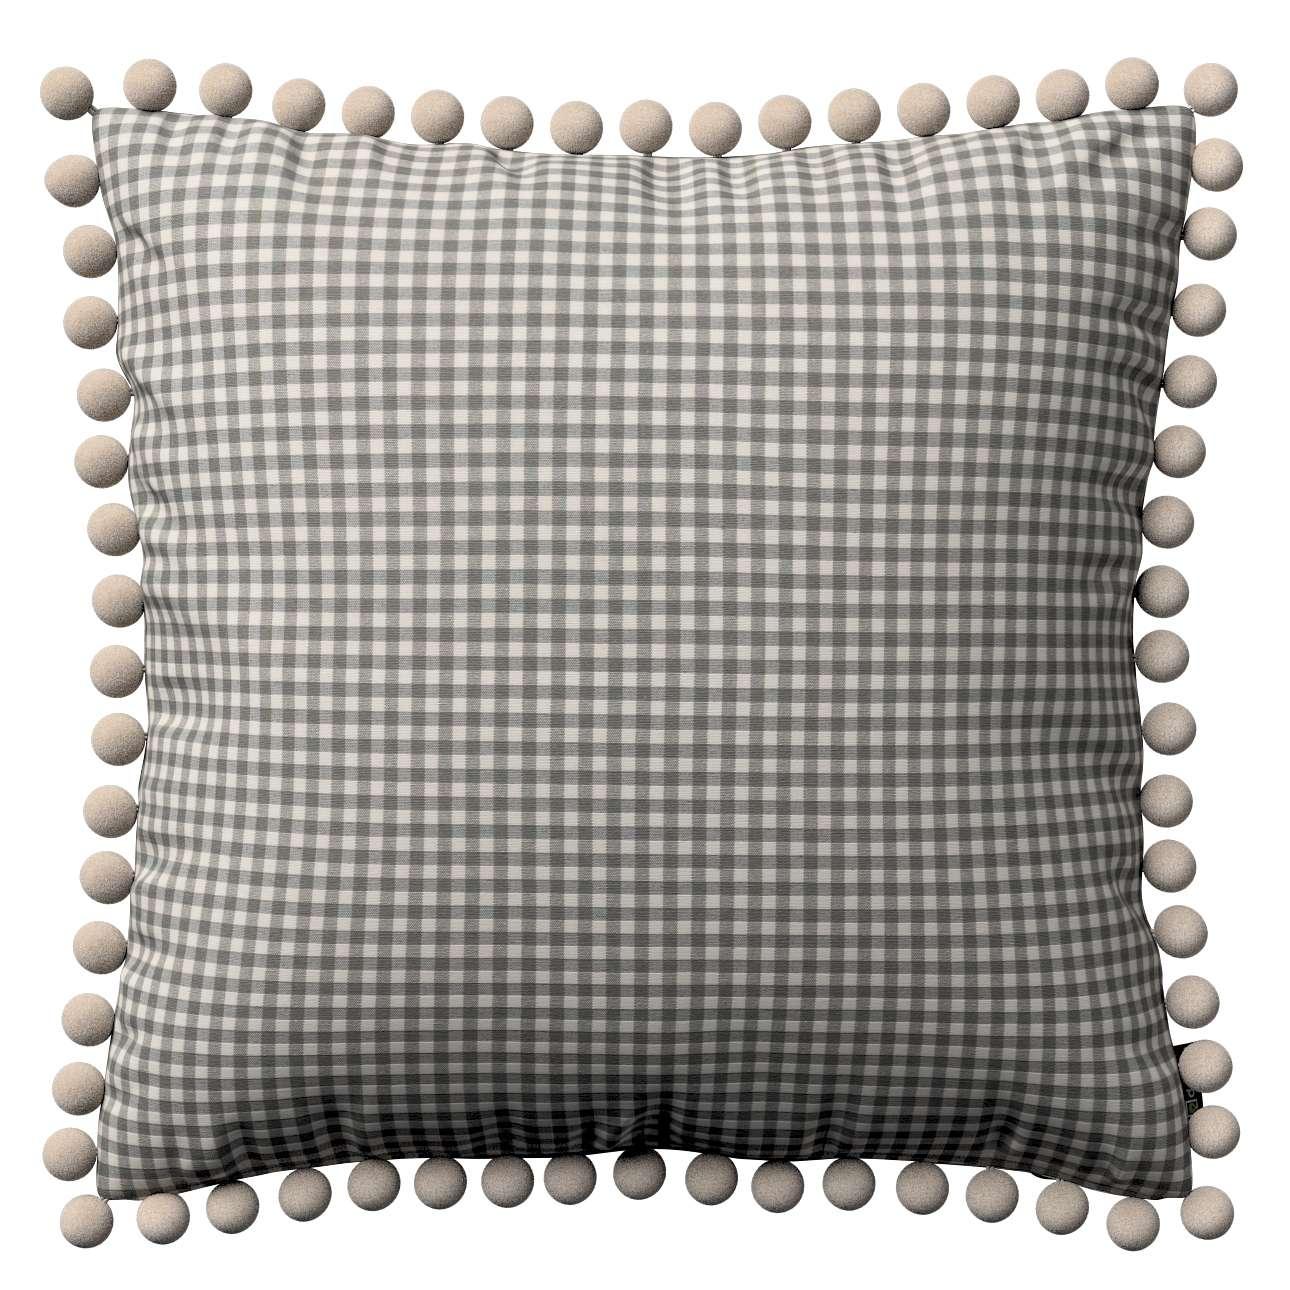 Wera dekoratyvinės pagalvėlės su žaismingais kraštais 45 x 45 cm kolekcijoje Quadro, audinys: 136-10